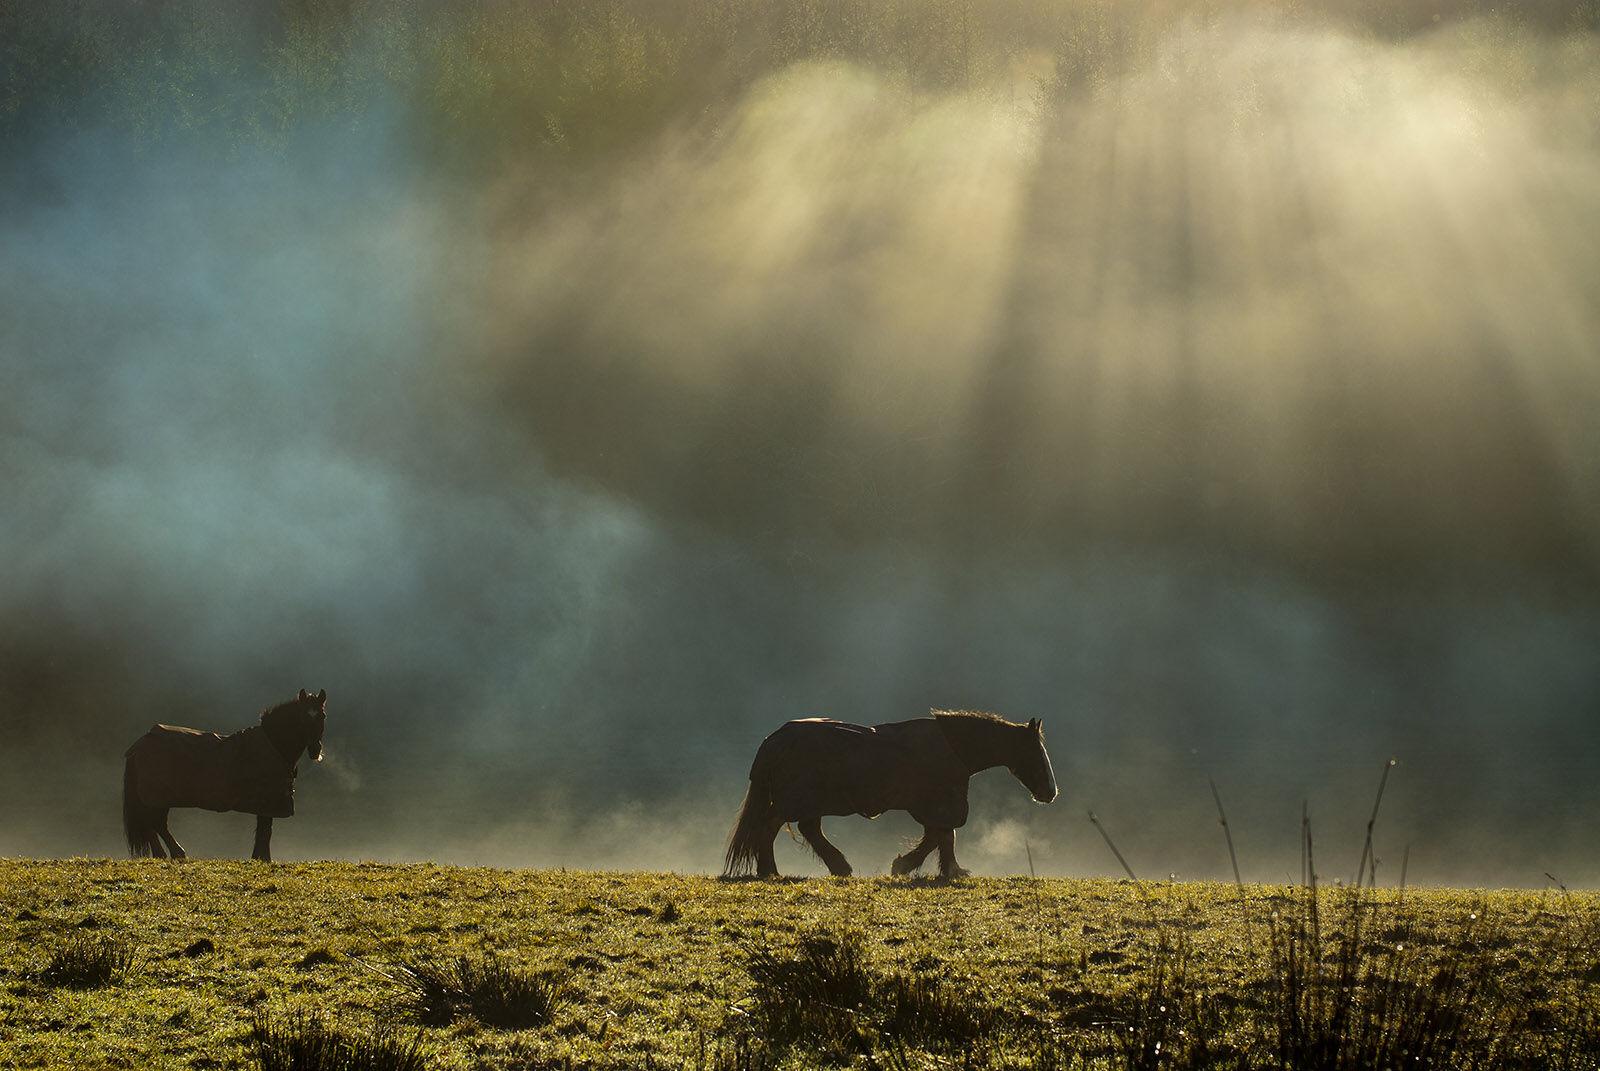 Horses in mist.